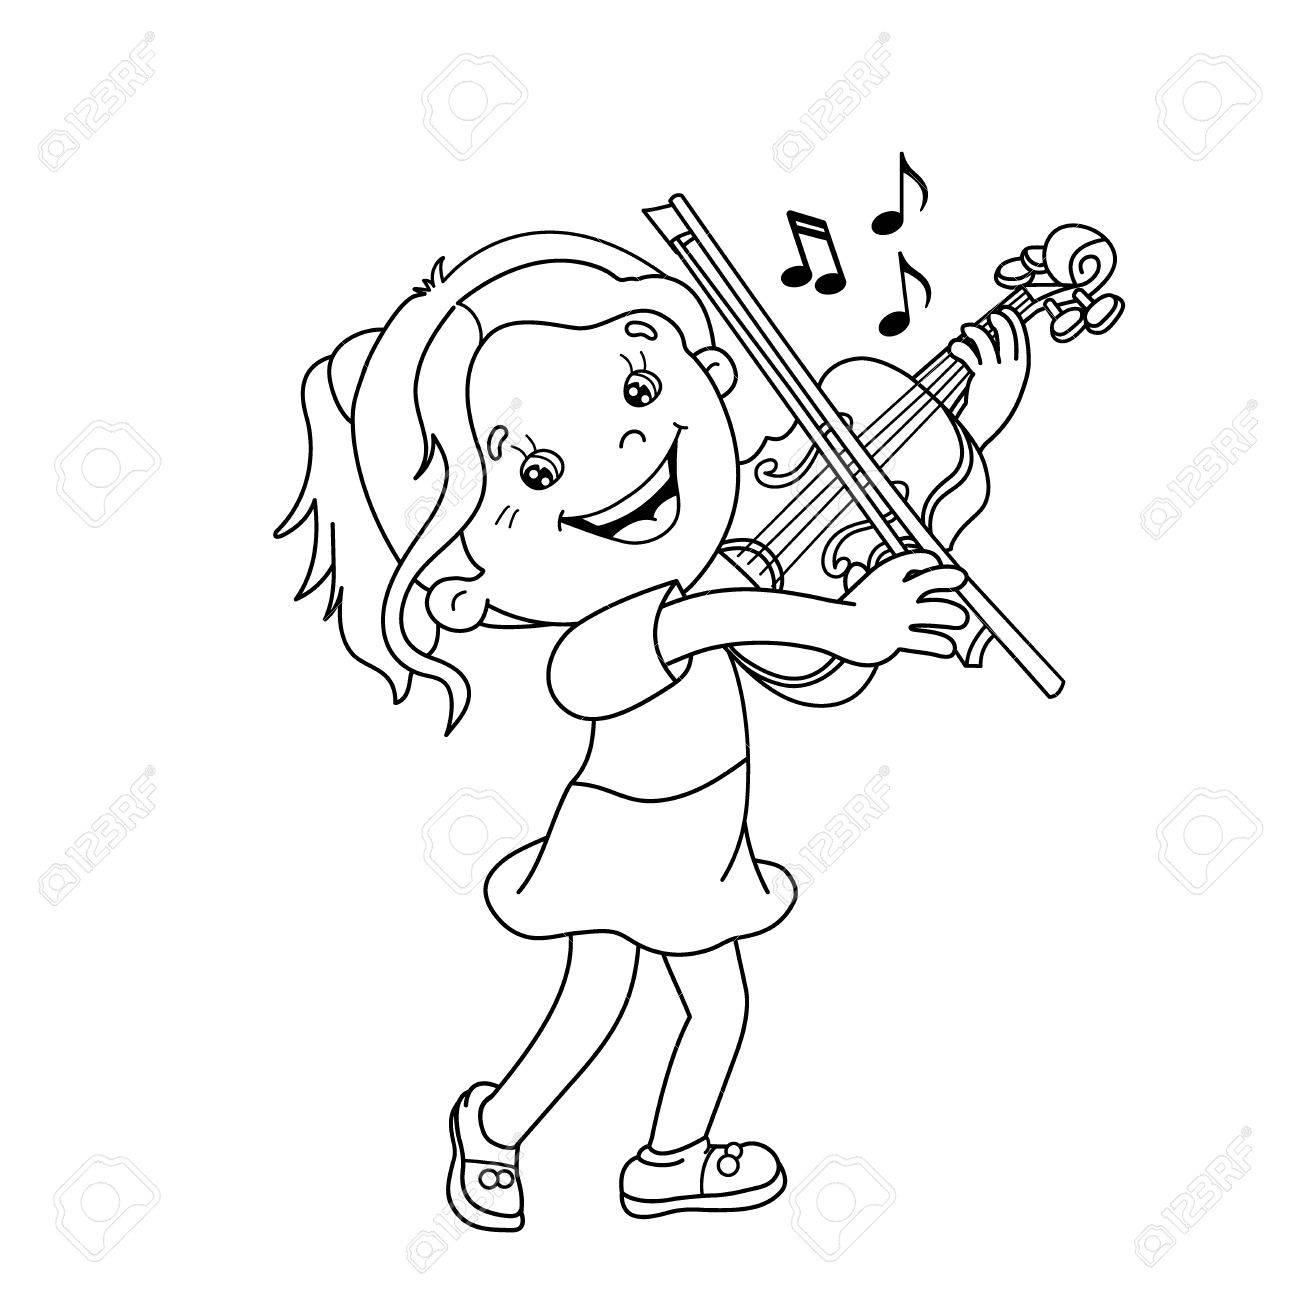 Página Para Colorear Esquema De Dibujos Animados Chica Tocando El ...